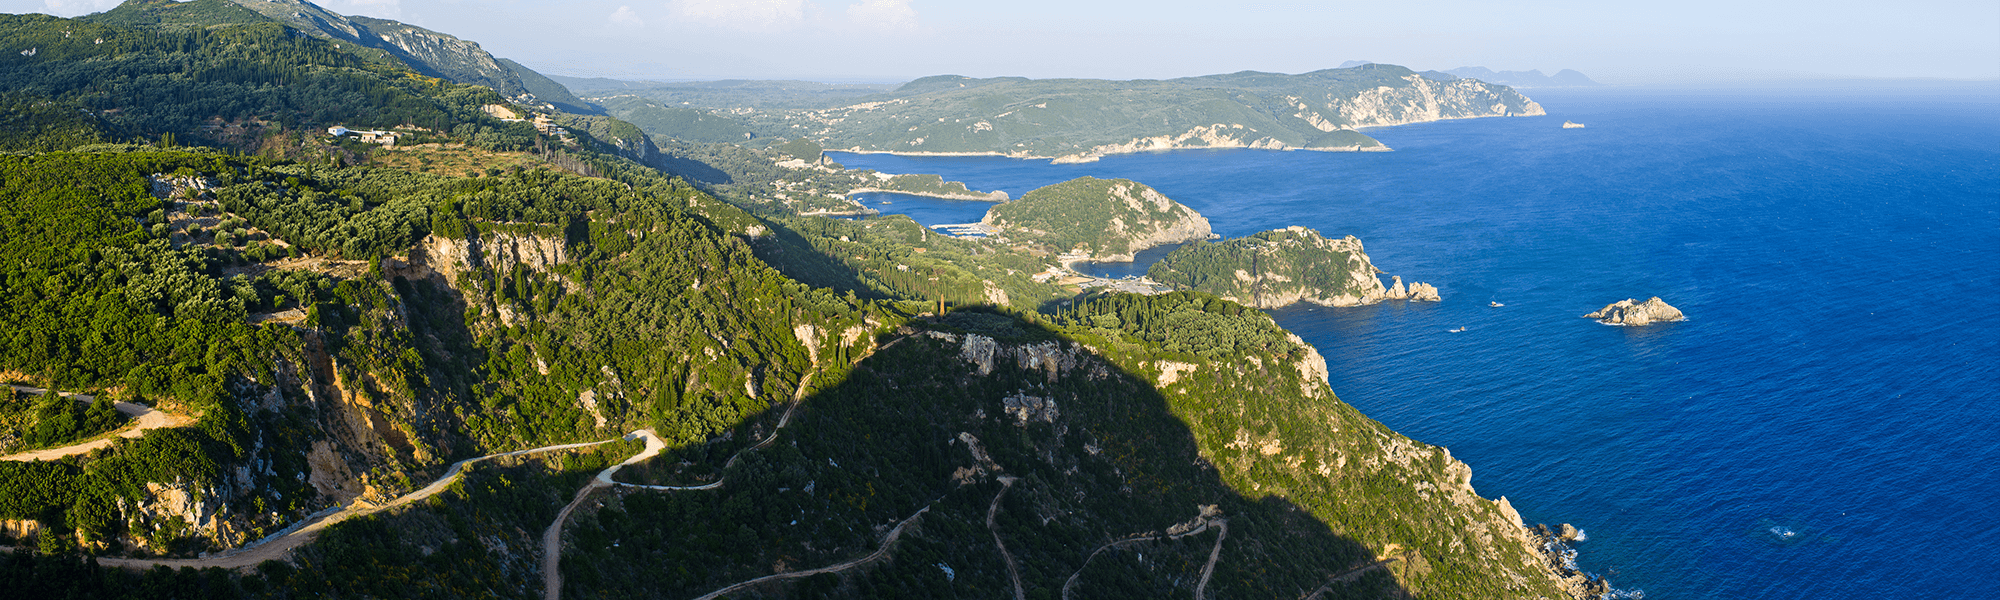 Du durchwanderst auf dem Corfu Trail fast ausschließlich kleine Dörfchen, malerische Buchten mit steilen Klippen, Olivenhaine und ständig wechselnde Landschaftspanoramen.